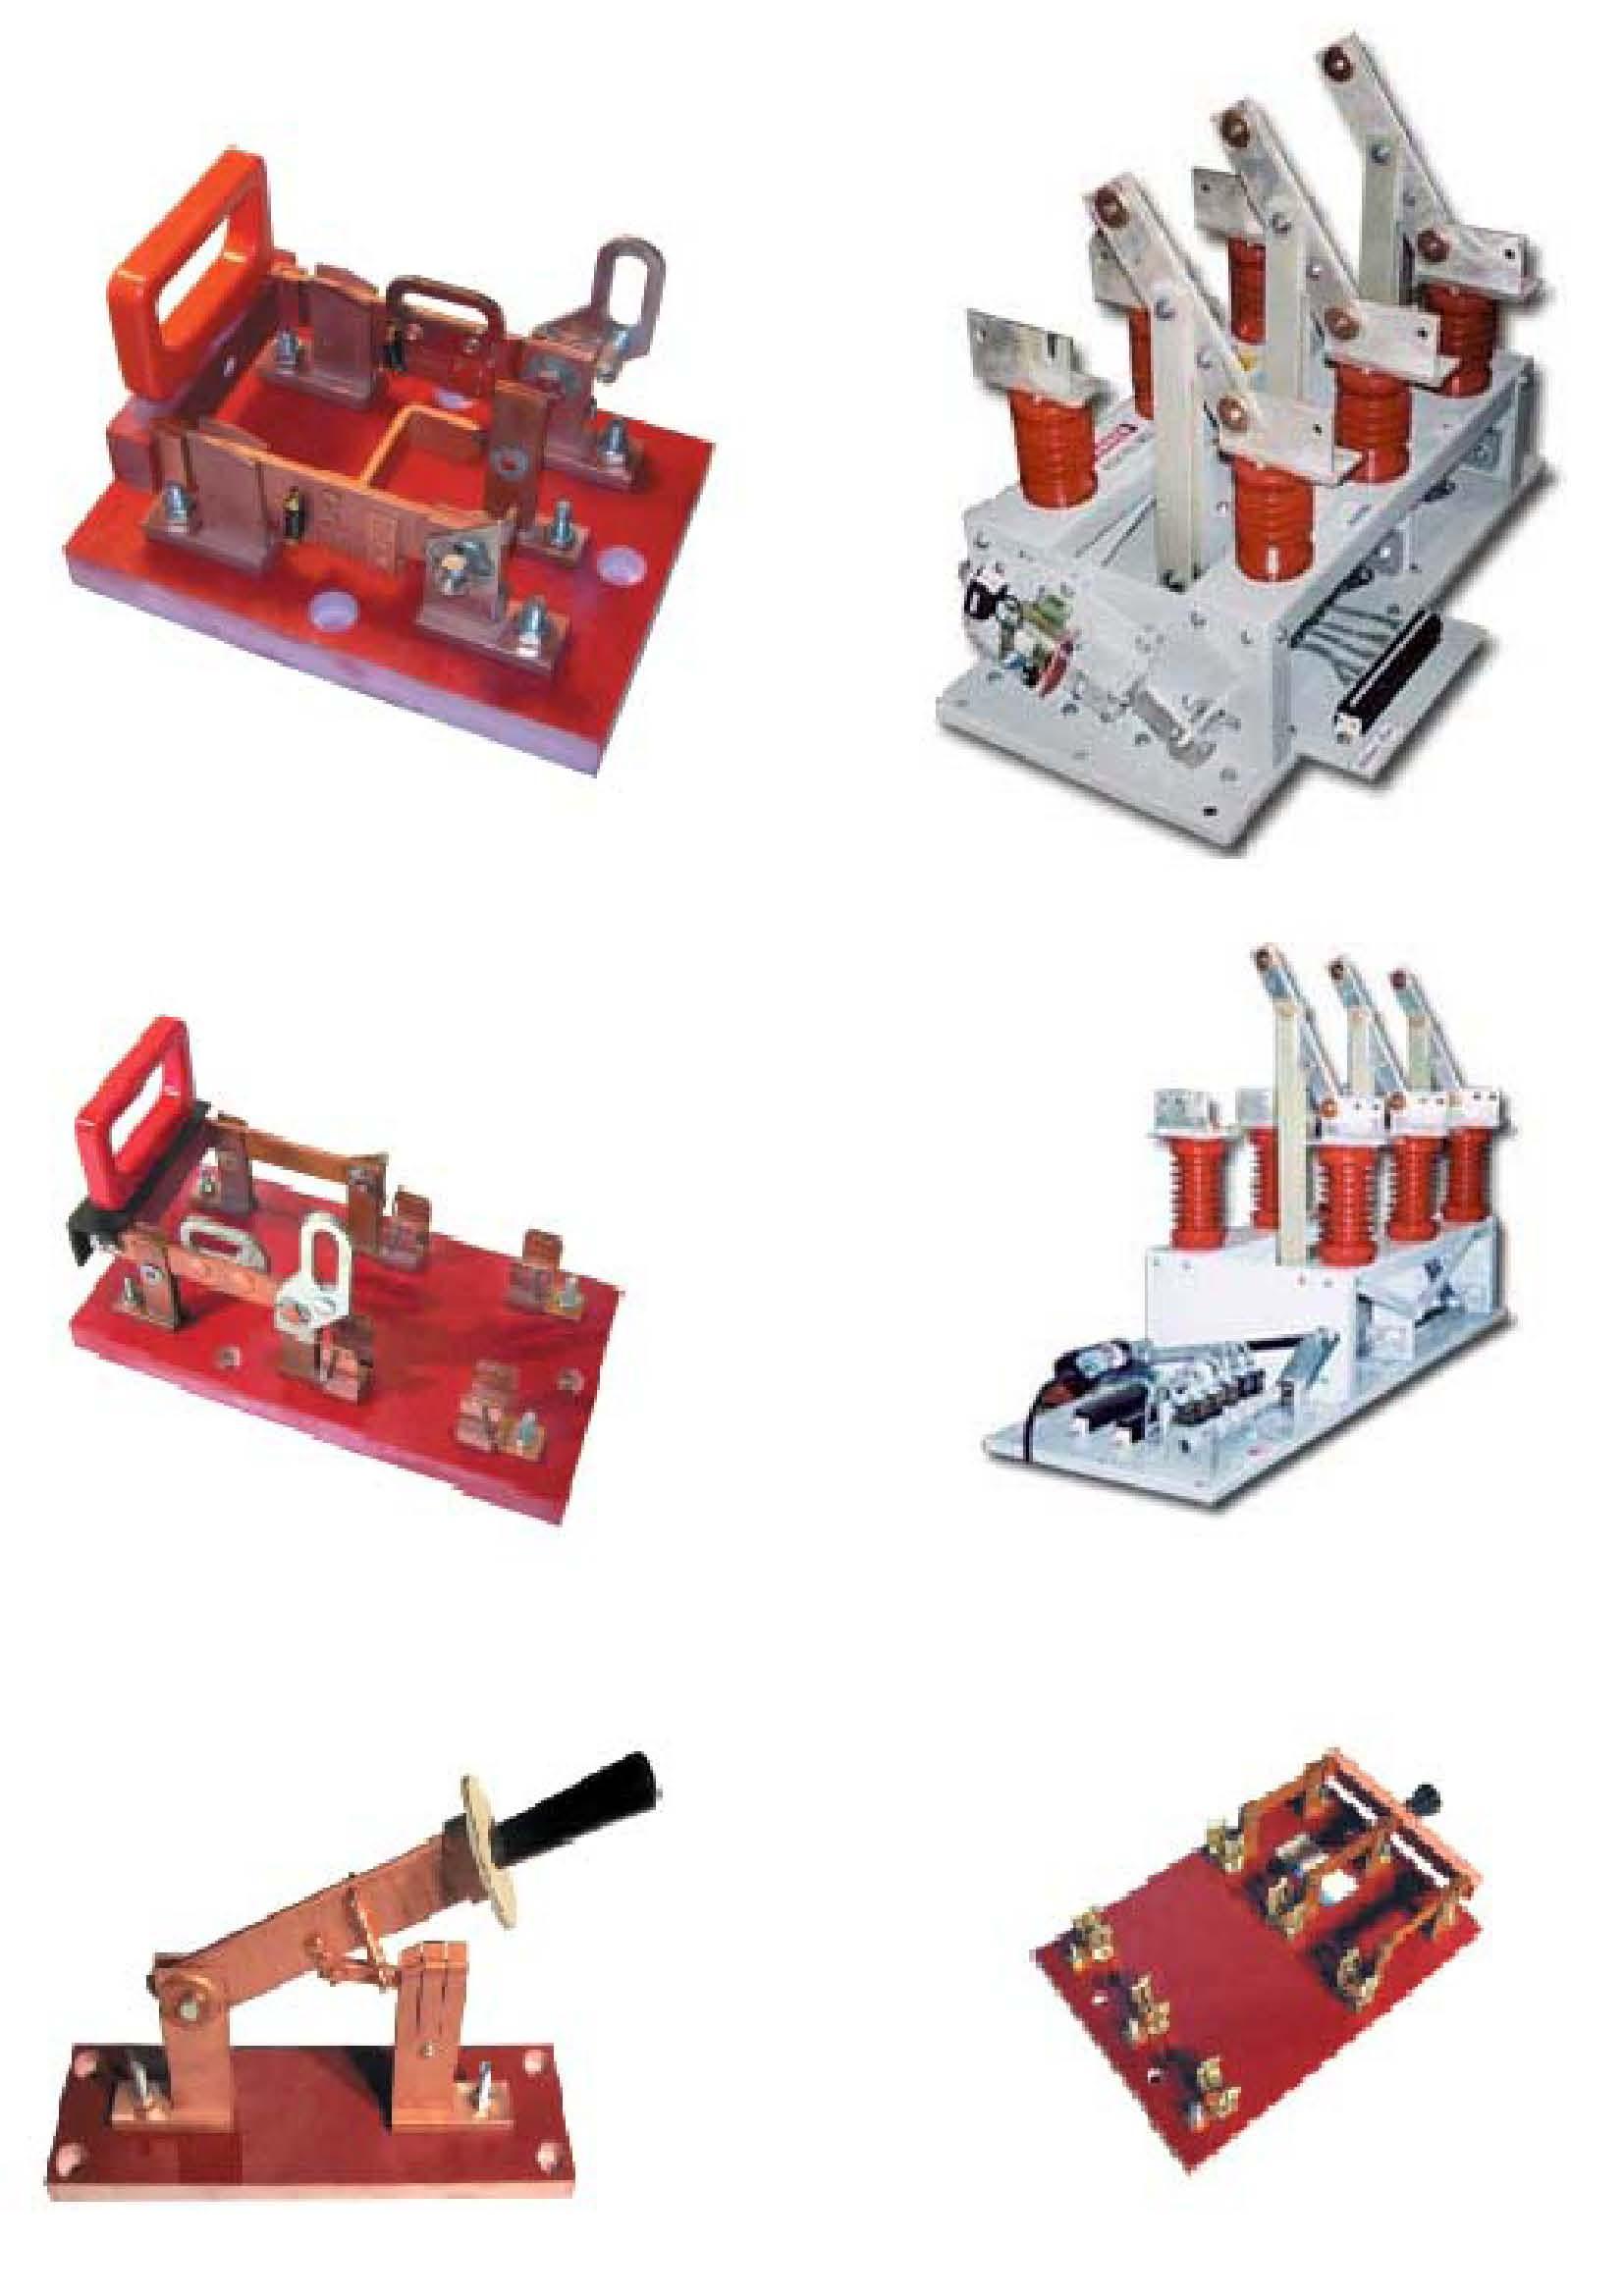 隔离开关能力 结构: 单通道或双通道    无熔丝或熔丝 电气: 12000a